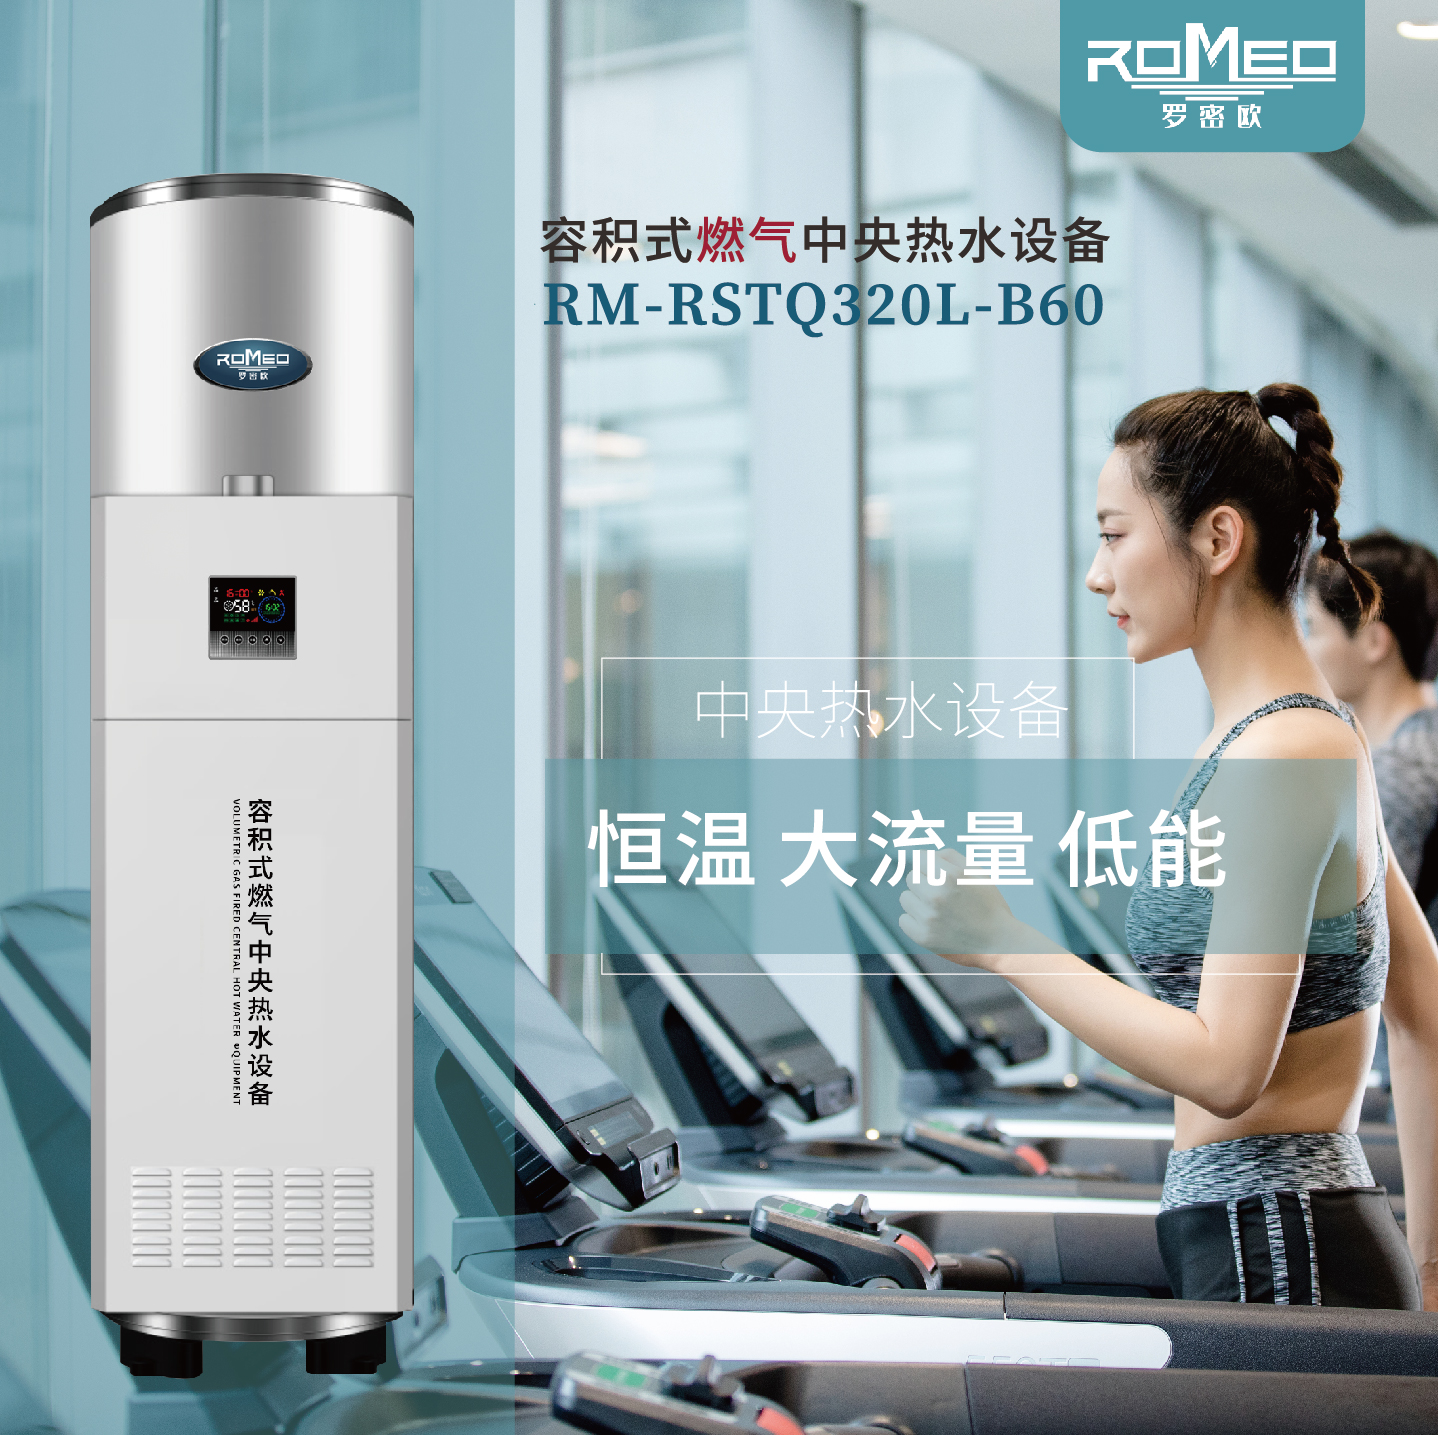 罗密欧容积式燃气中央热水设备RM-RSTQ320L-B60